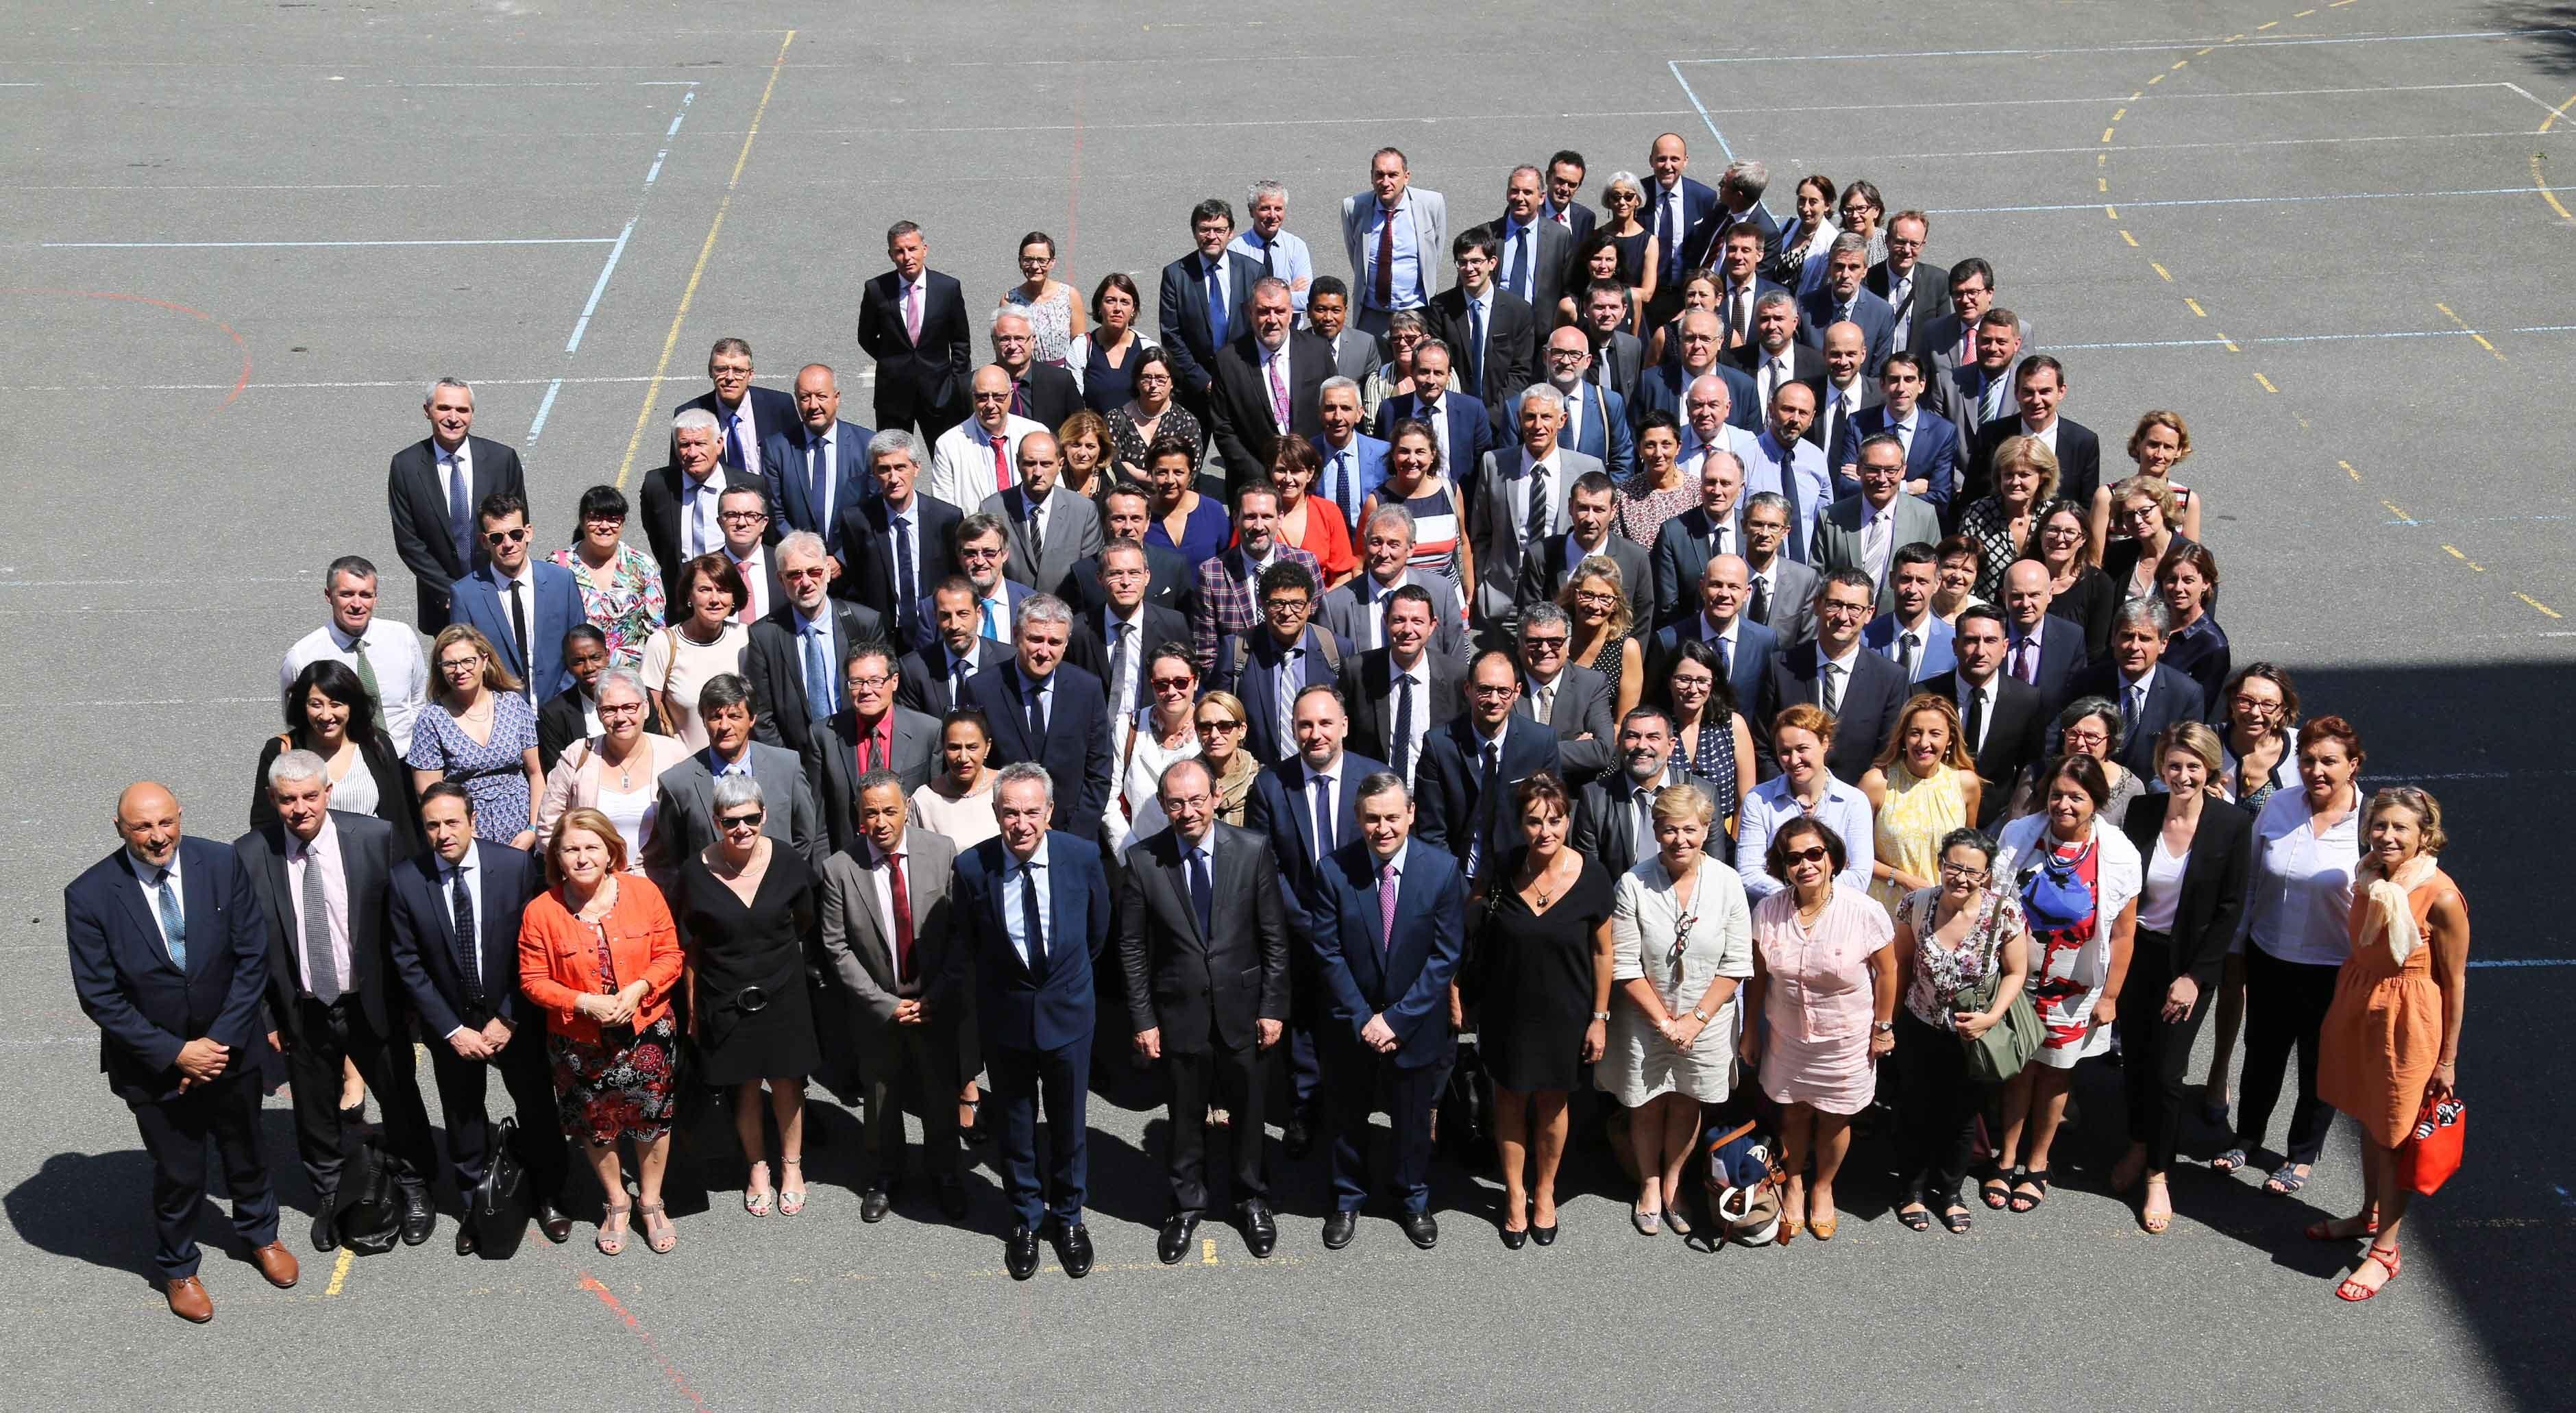 Séminaire des EGD 2018 à Paris